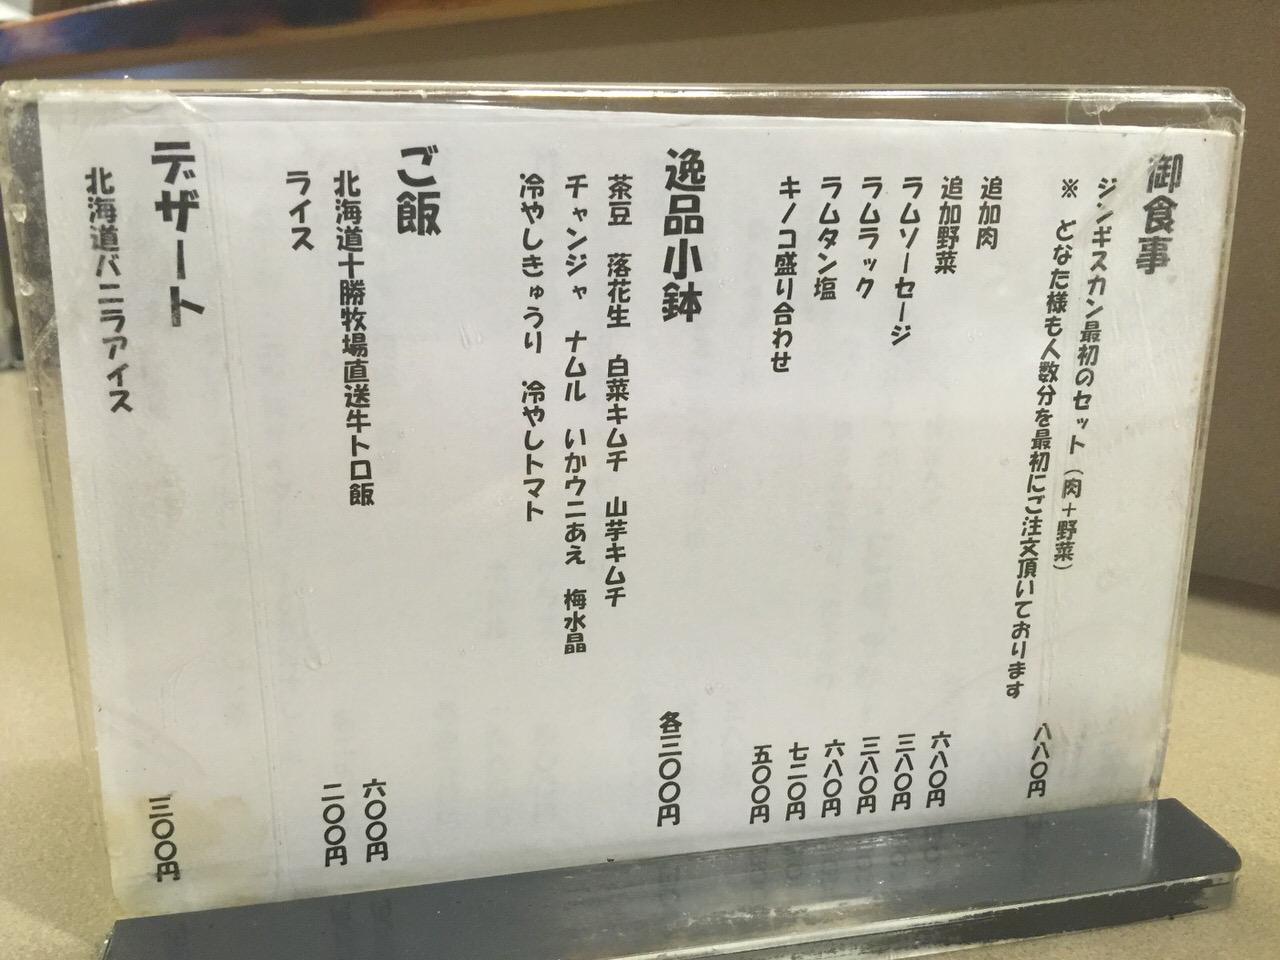 Rakutaro ikebukuro 5753